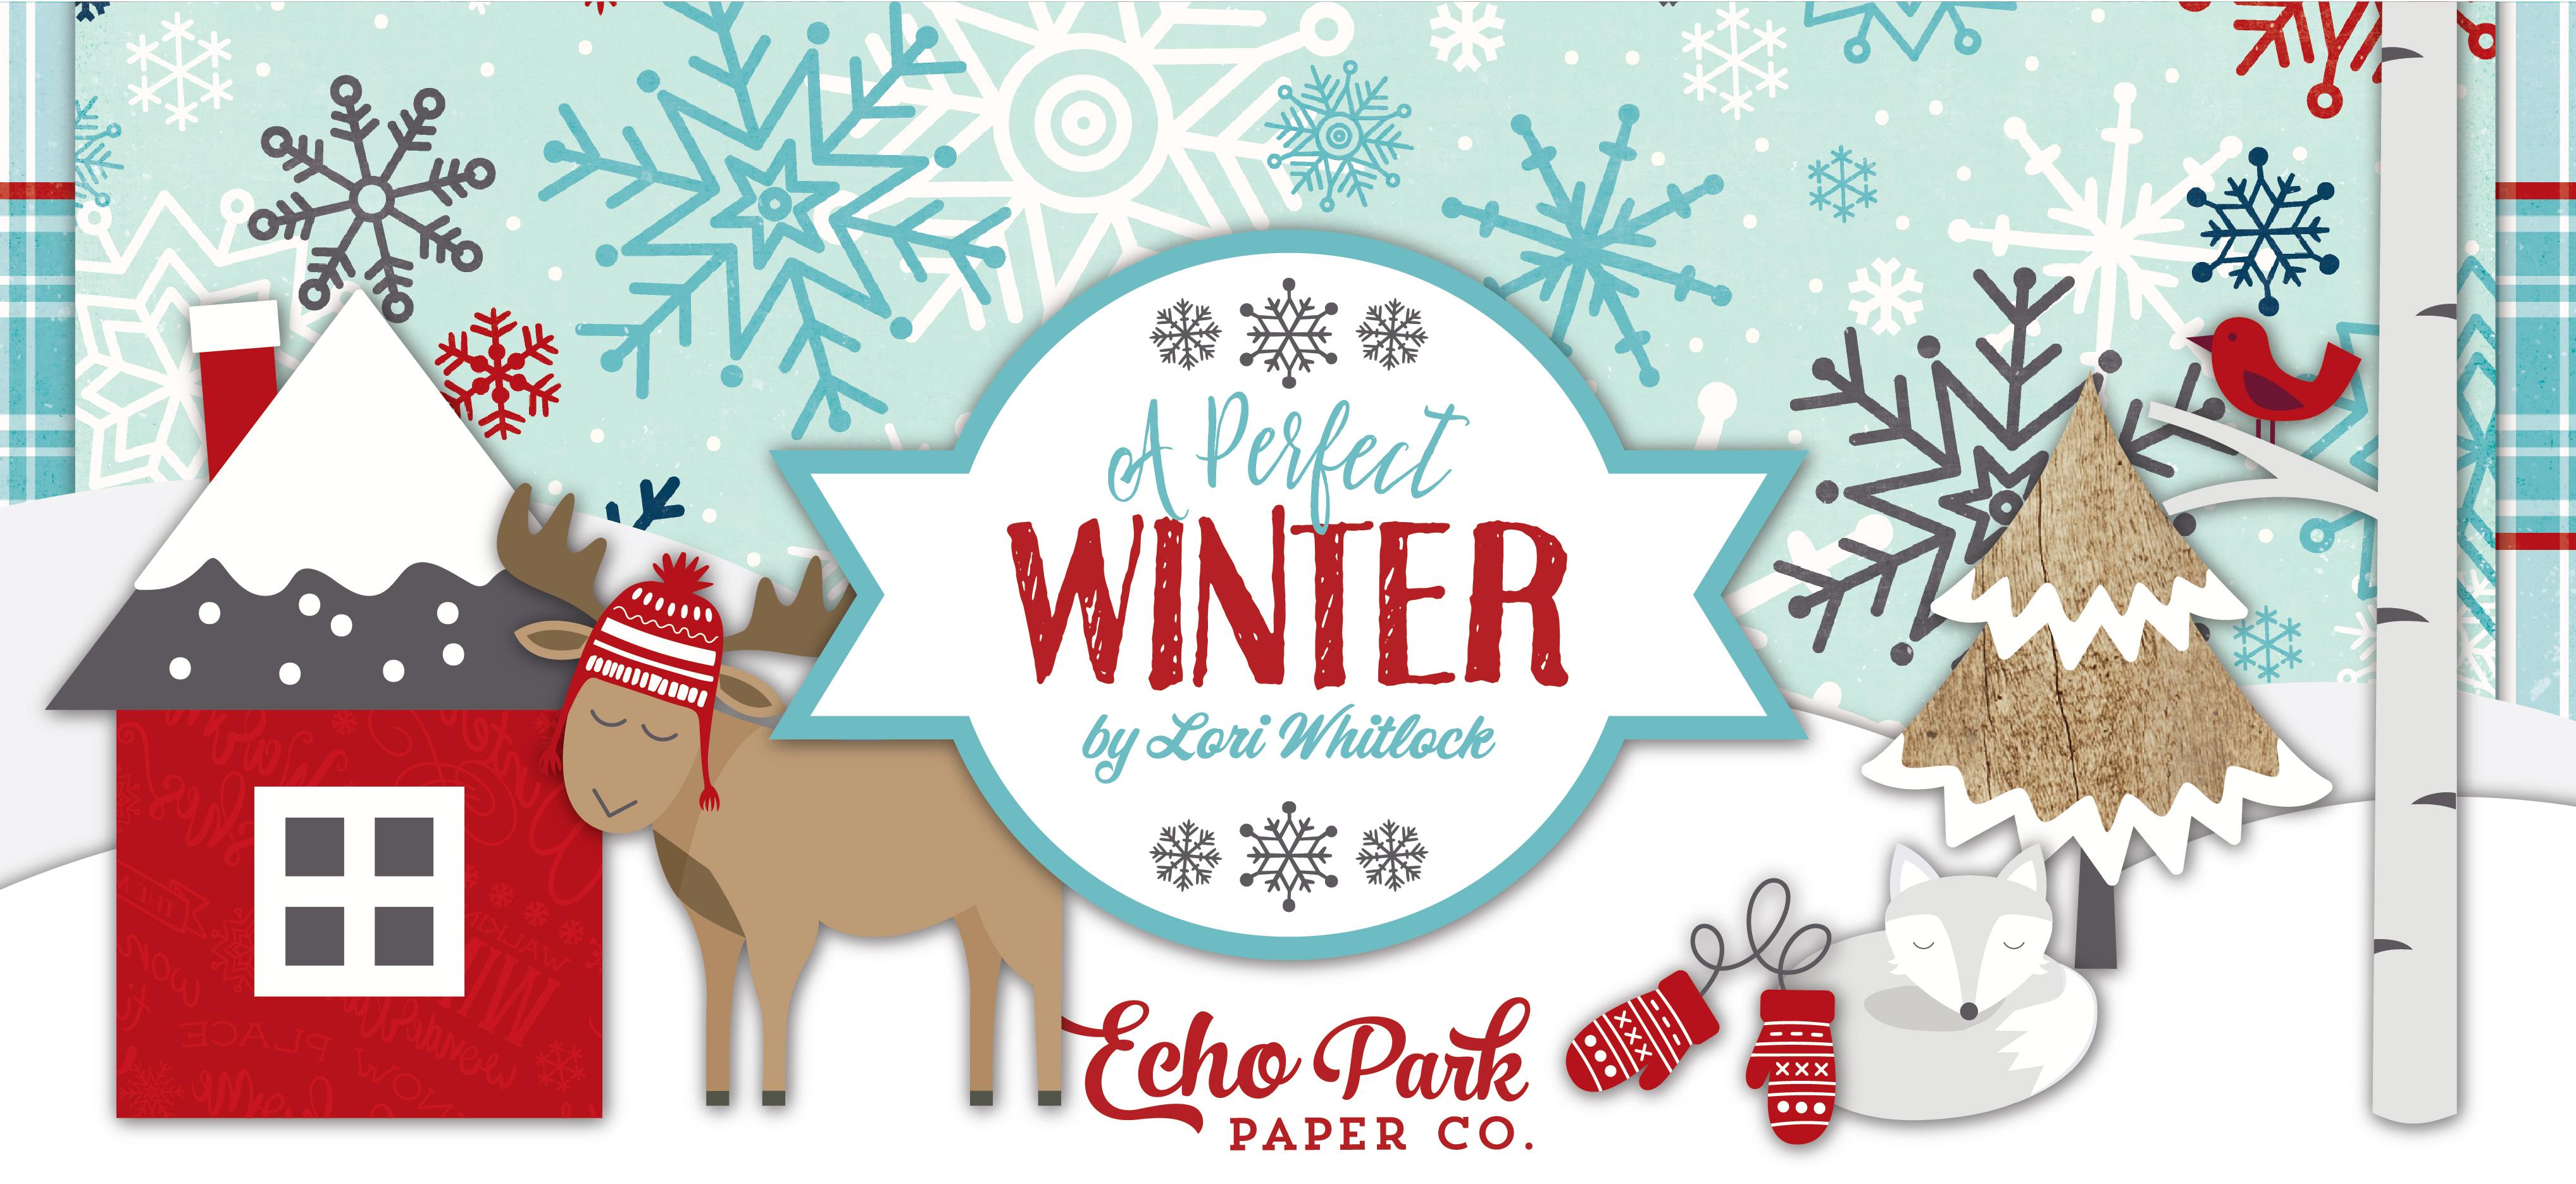 a-perfect-winter-banner.jpg